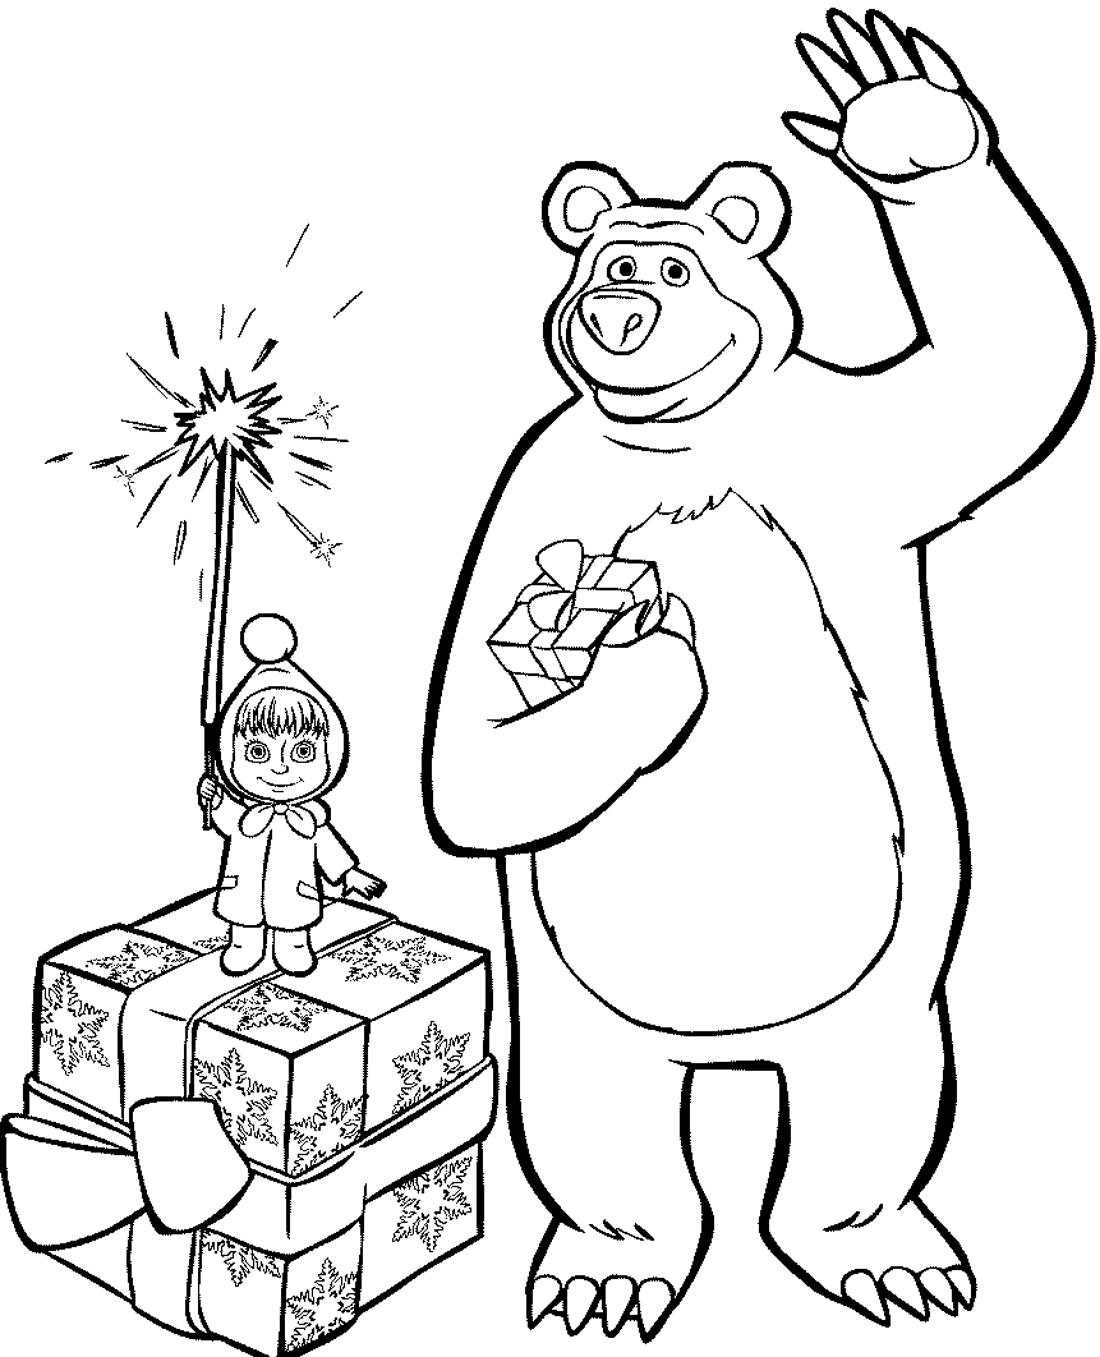 Маша и Медведь на Новый Год - раскраска №418 | Printonic.ru